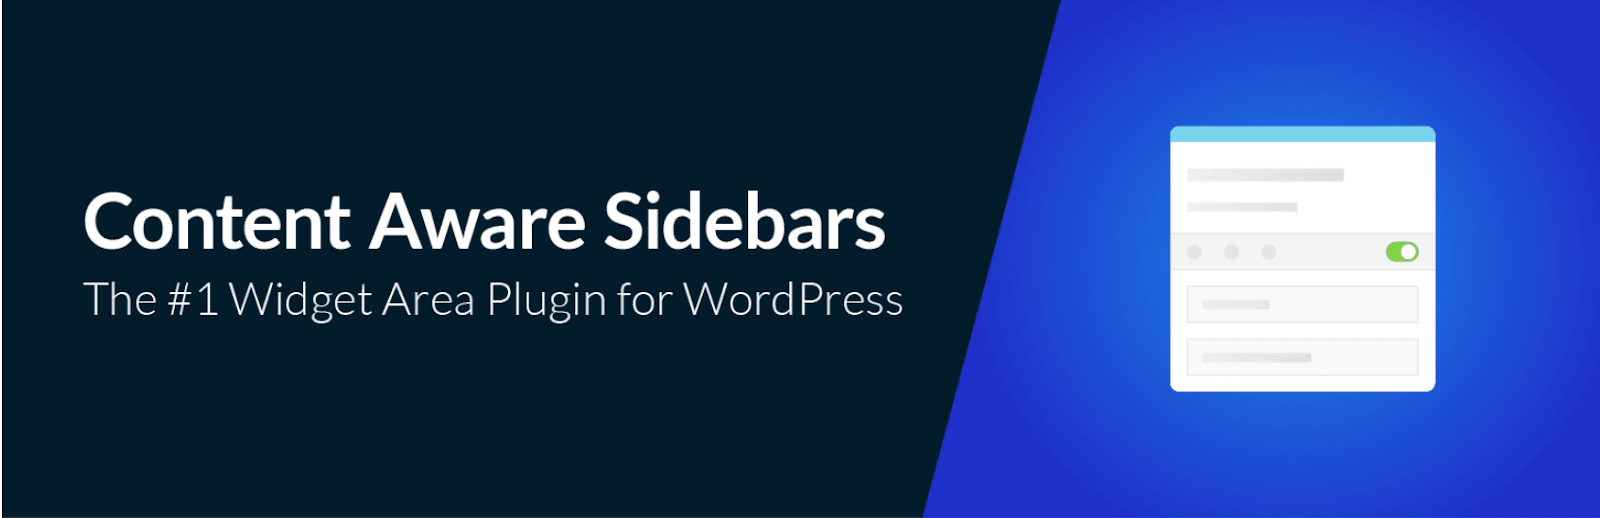 Content Aware Sidebar WordPress-Plugin